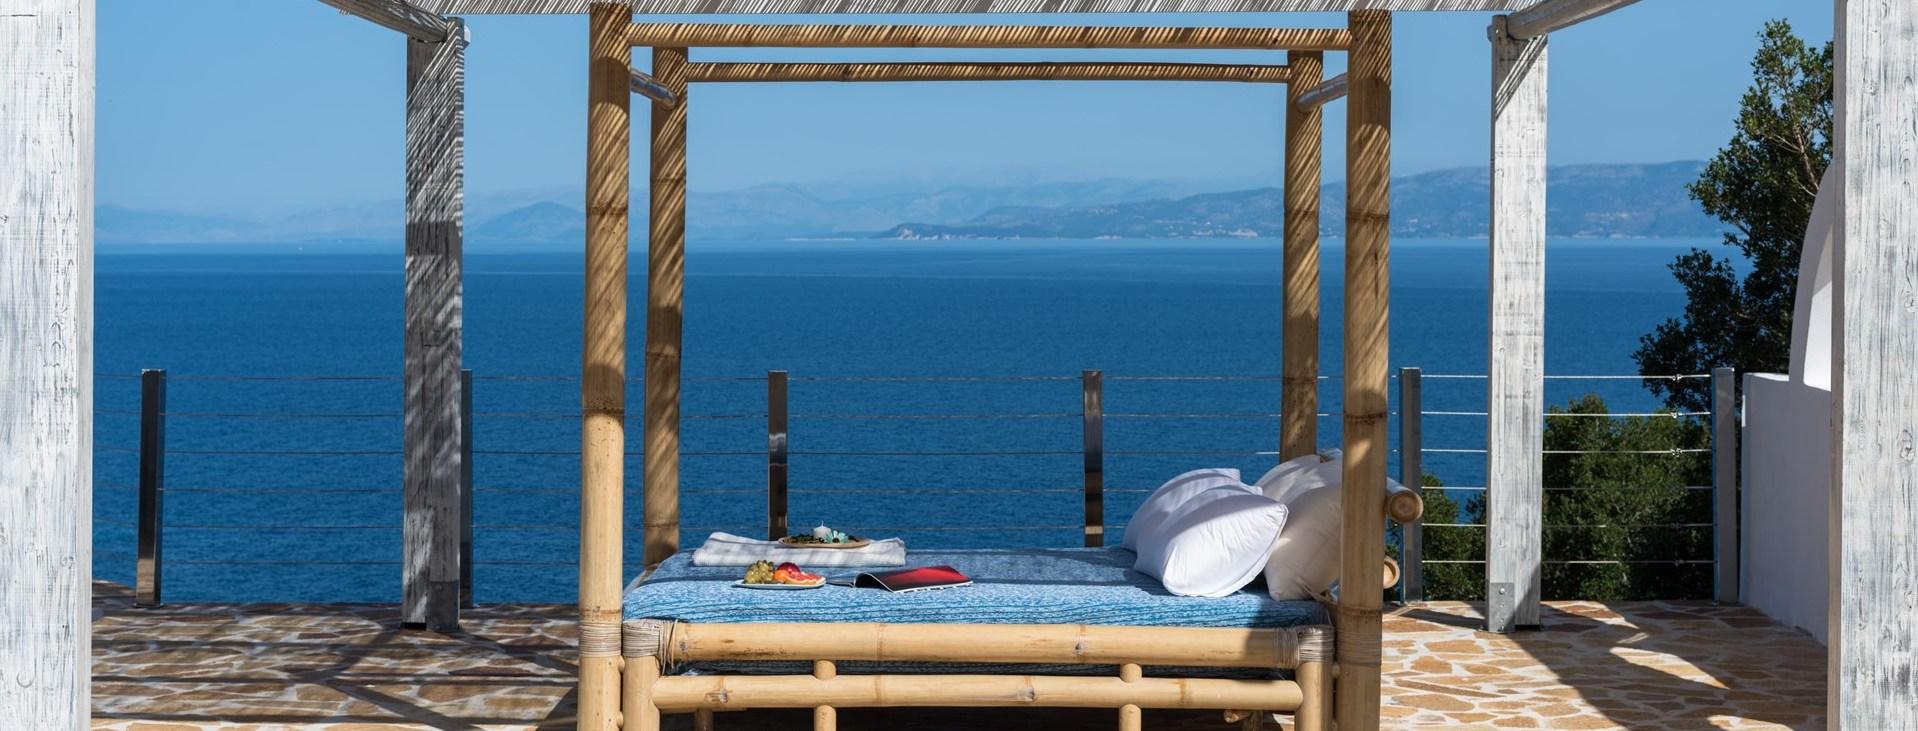 luxury-villa-holidays-paxos